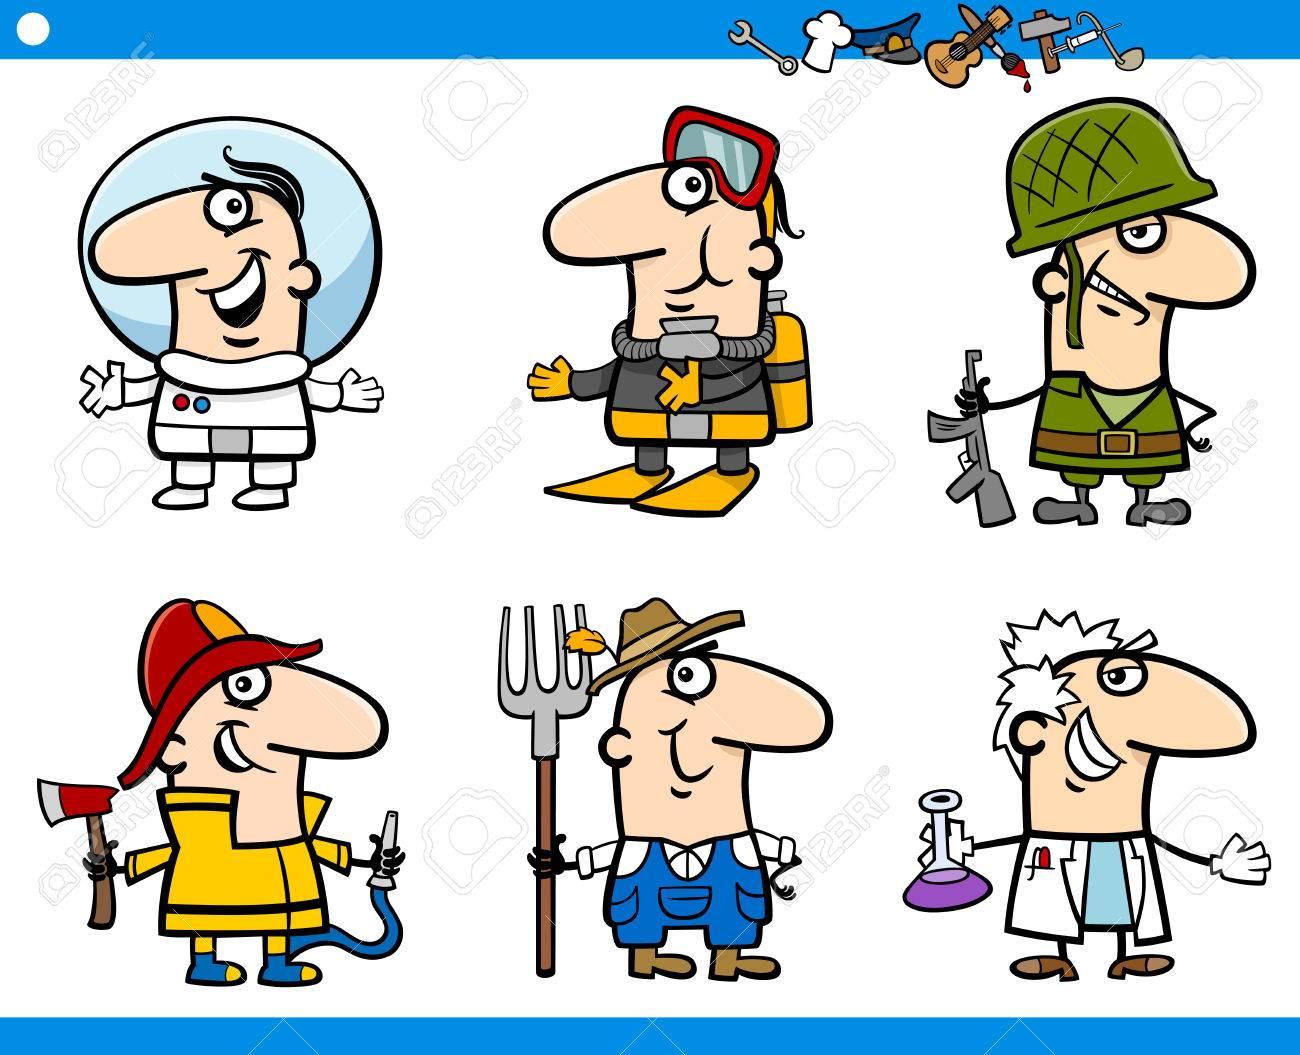 Ilustración De Dibujos Animados De Profesionales De Ocupaciones De Personas Caracteres Que Haya Definido